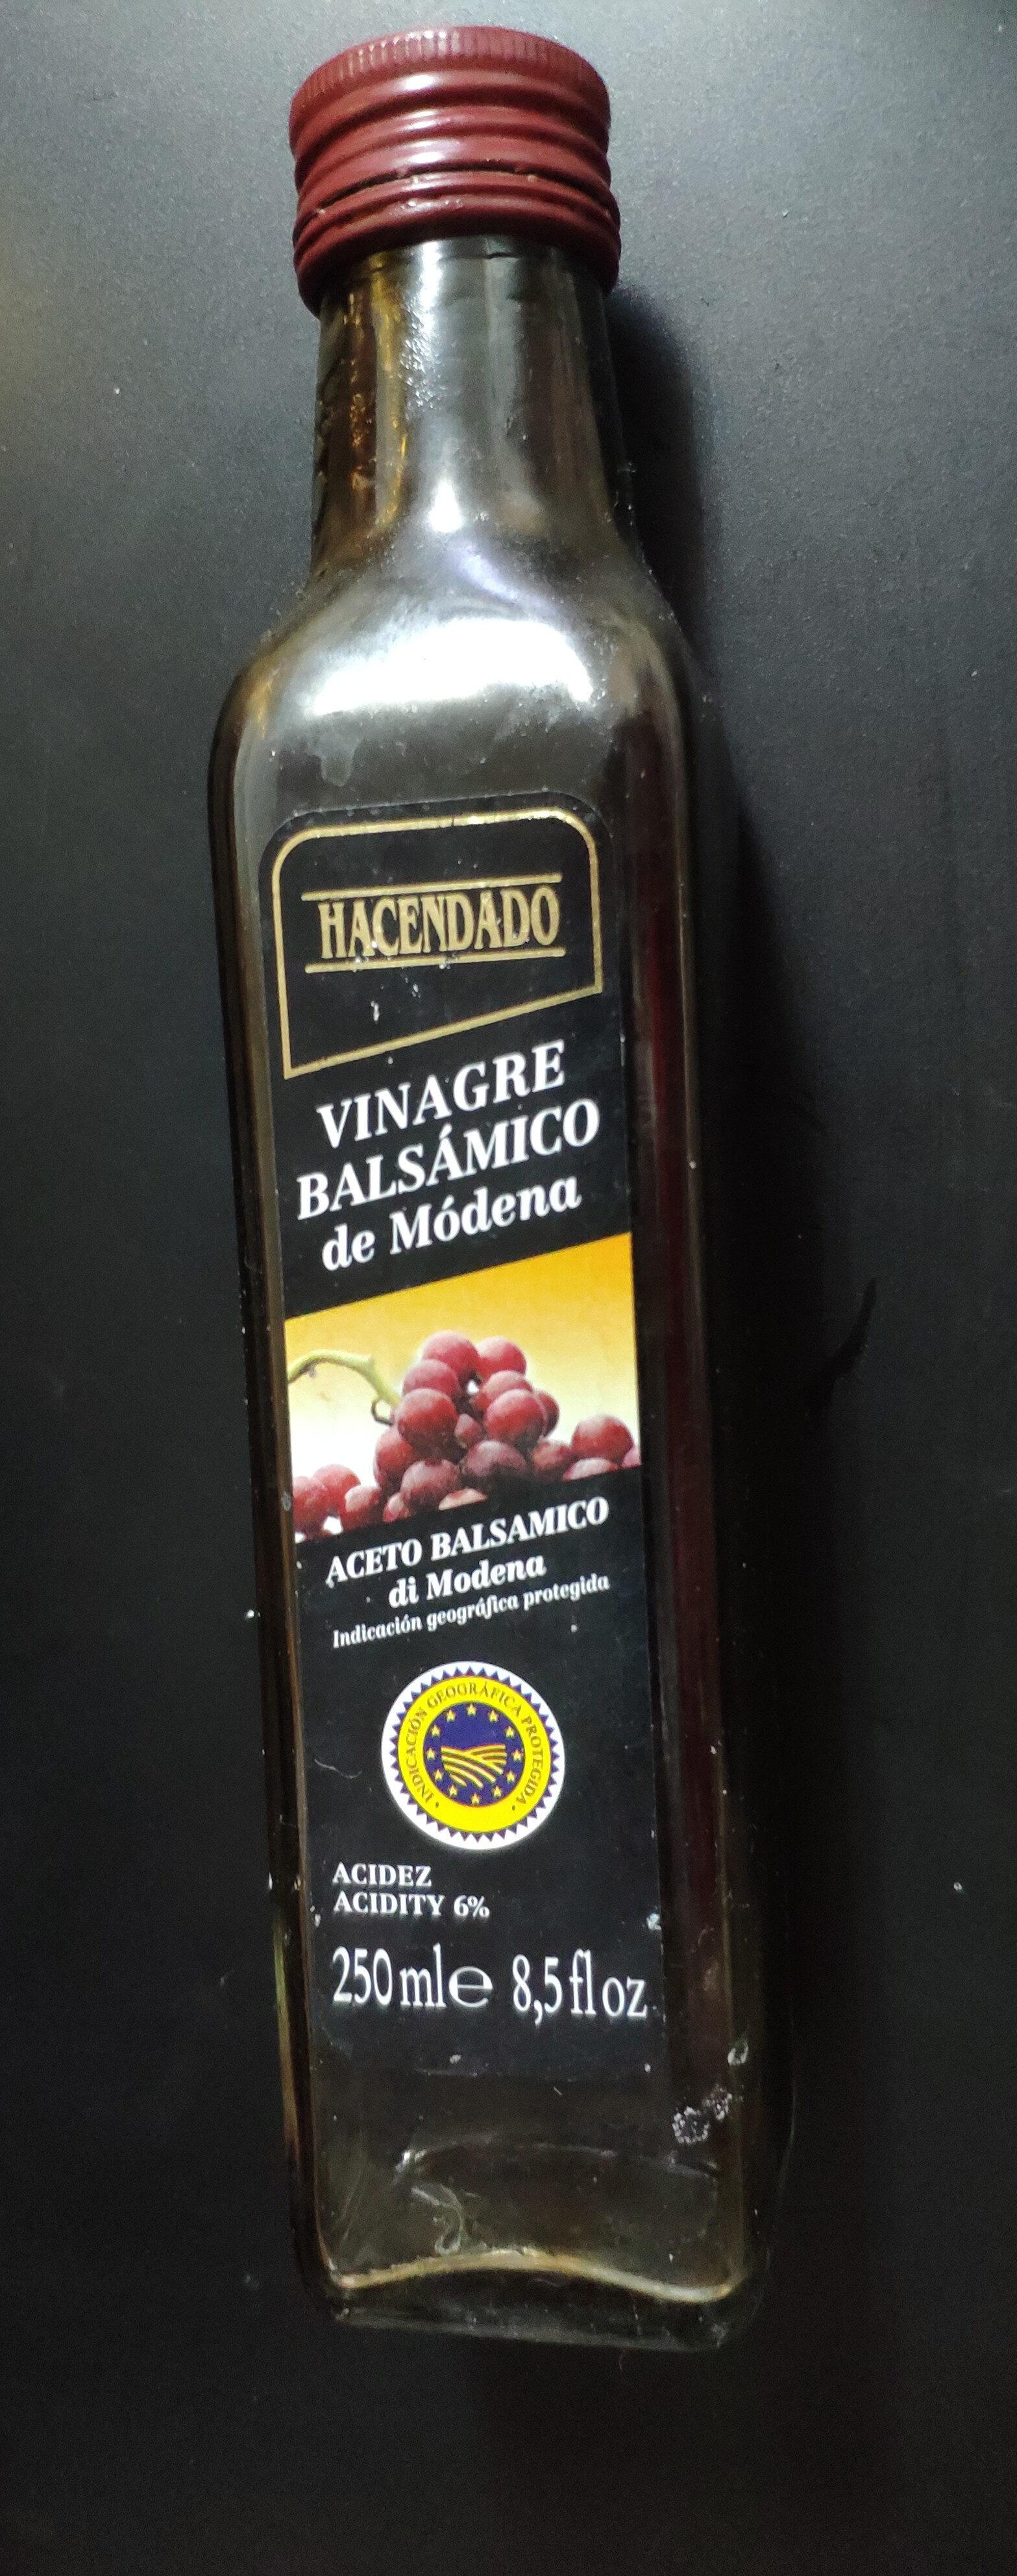 Vinagre balsámico de módena - Producto - es